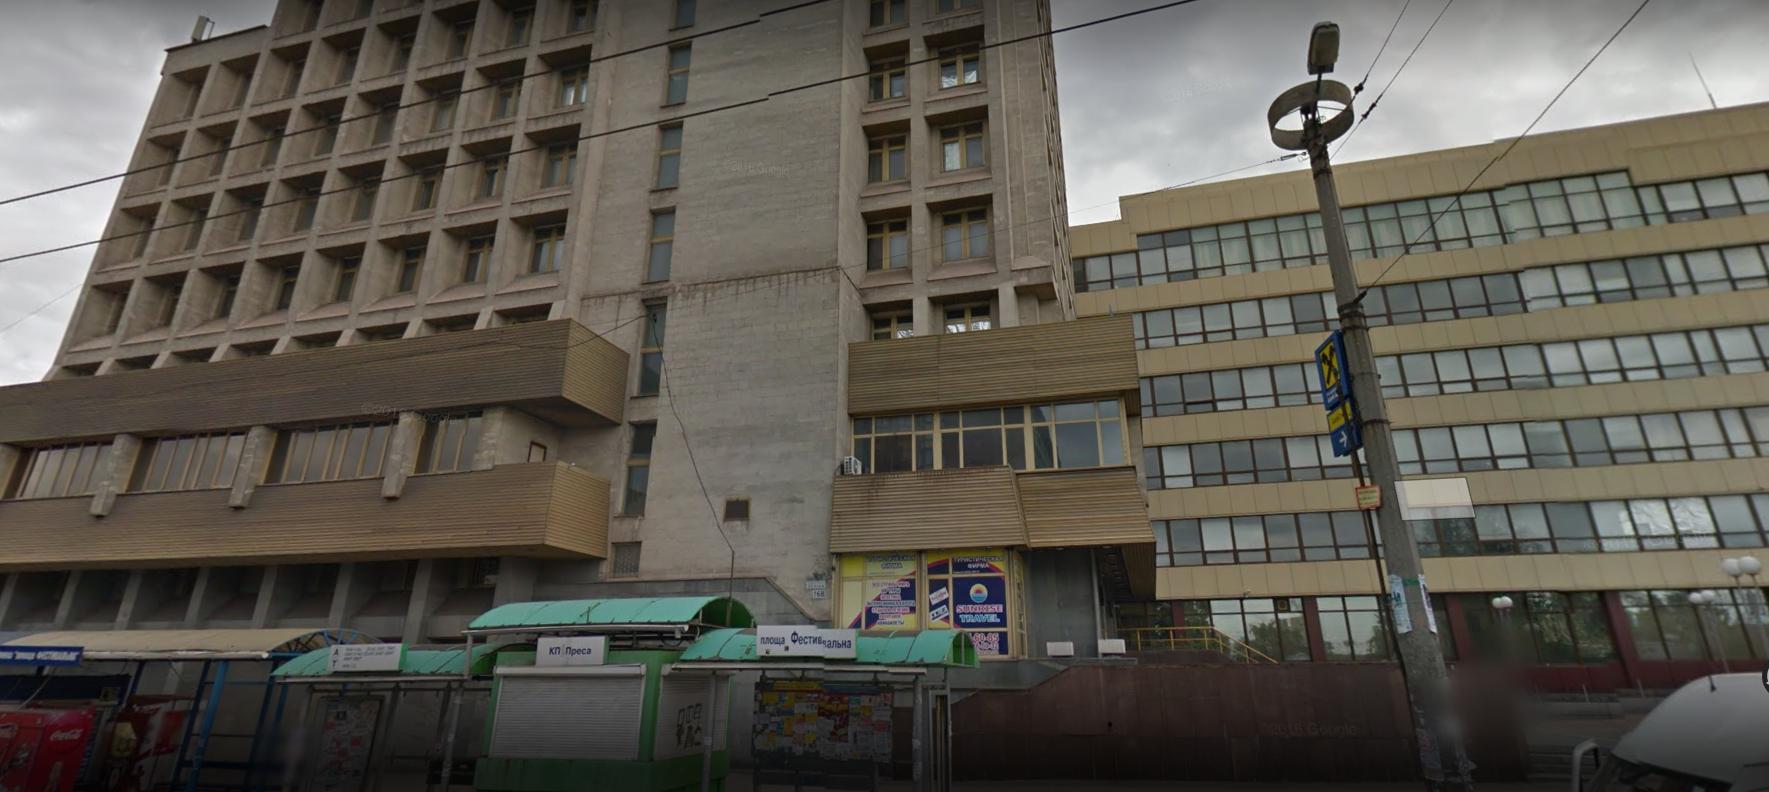 Запорожская судебная администрация заказала без конкурса хозтовары на 700 тысяч гривен